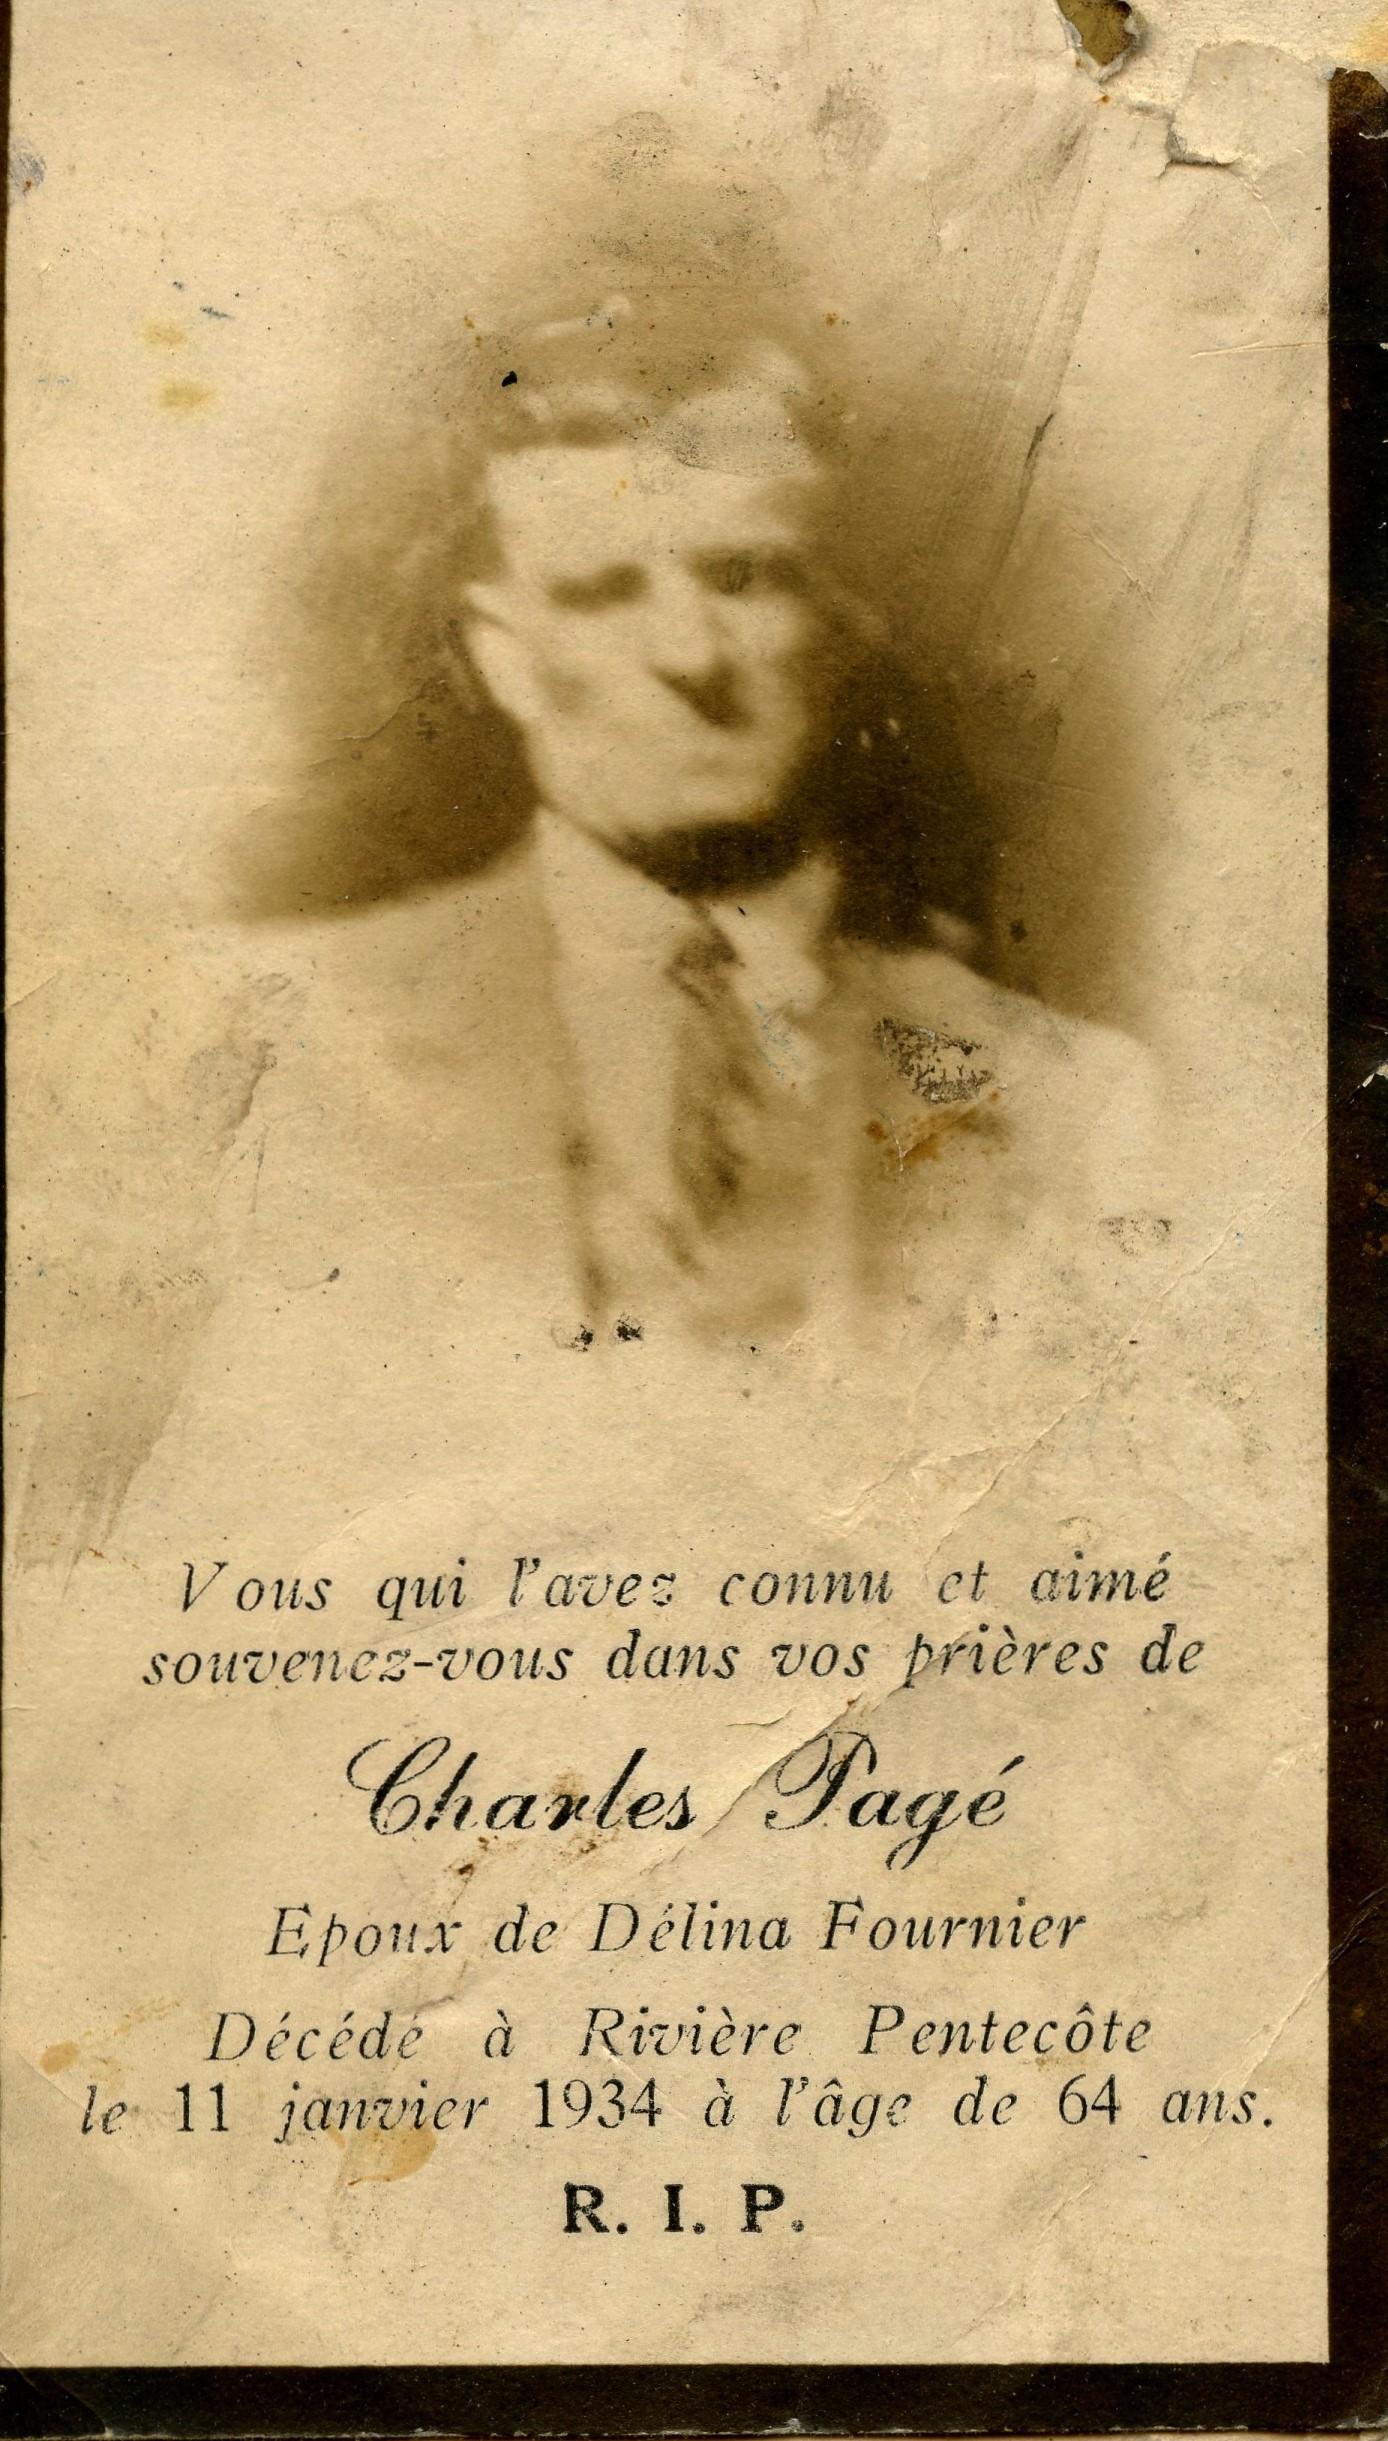 Charles Pagé 1870-1934